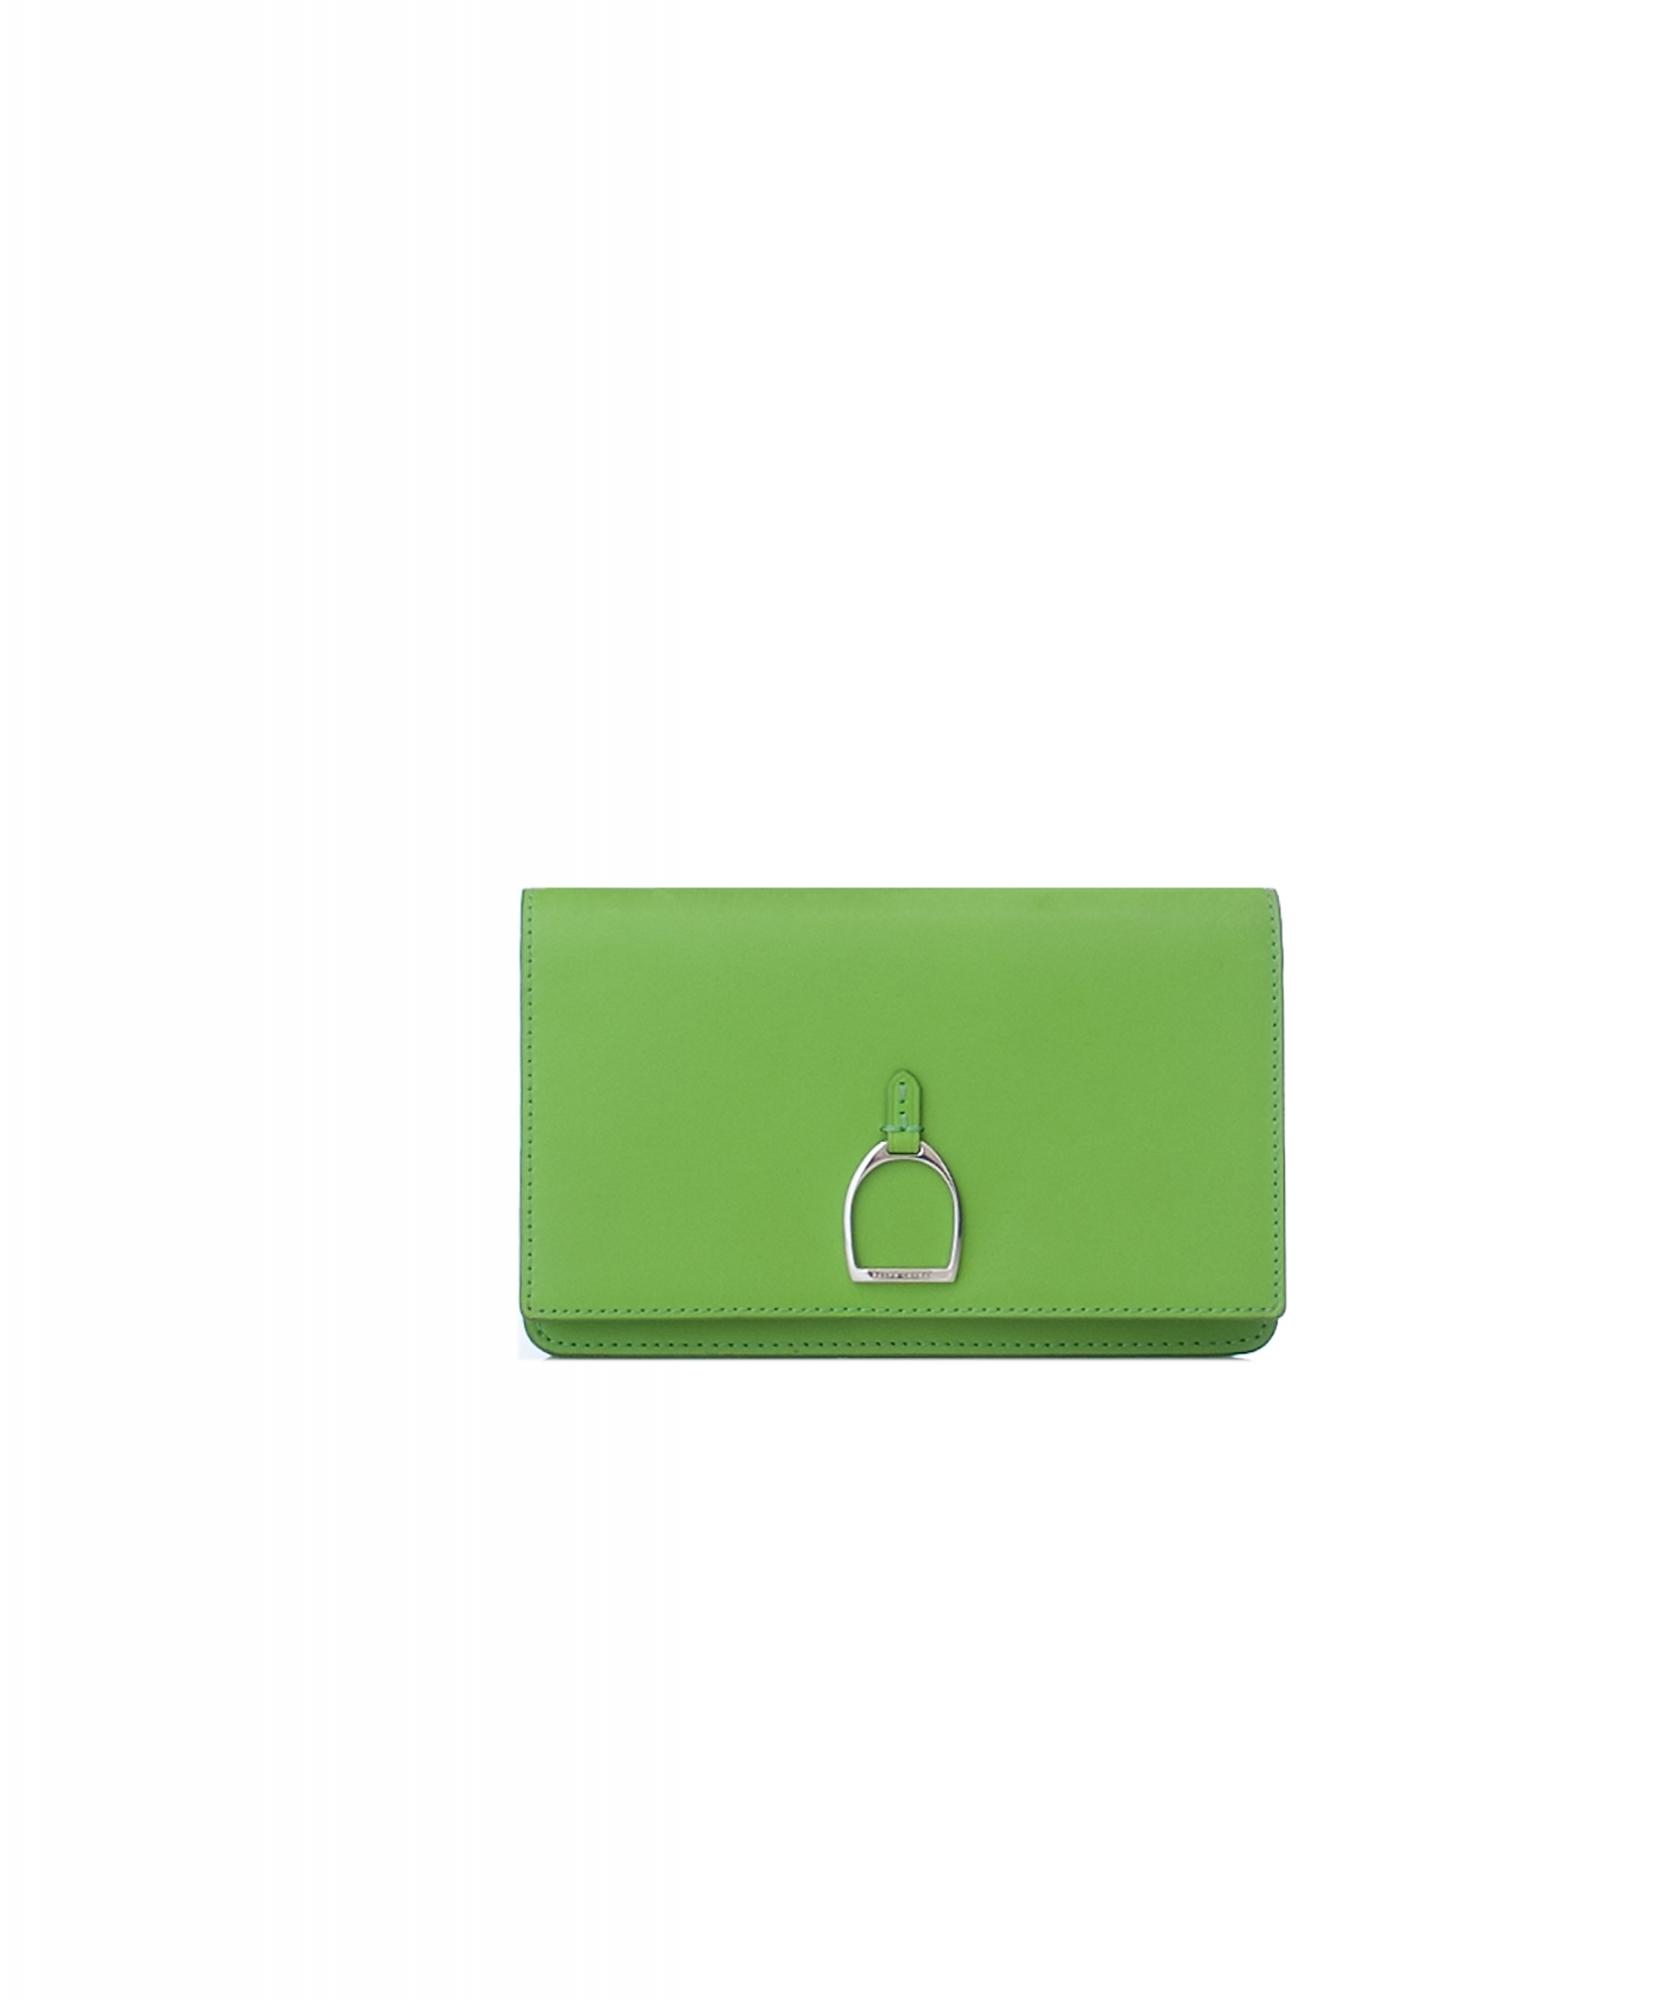 ... Ralph Lauren Green Vachetta Stirrup Crossbody Bag 0d8bdd411eef9